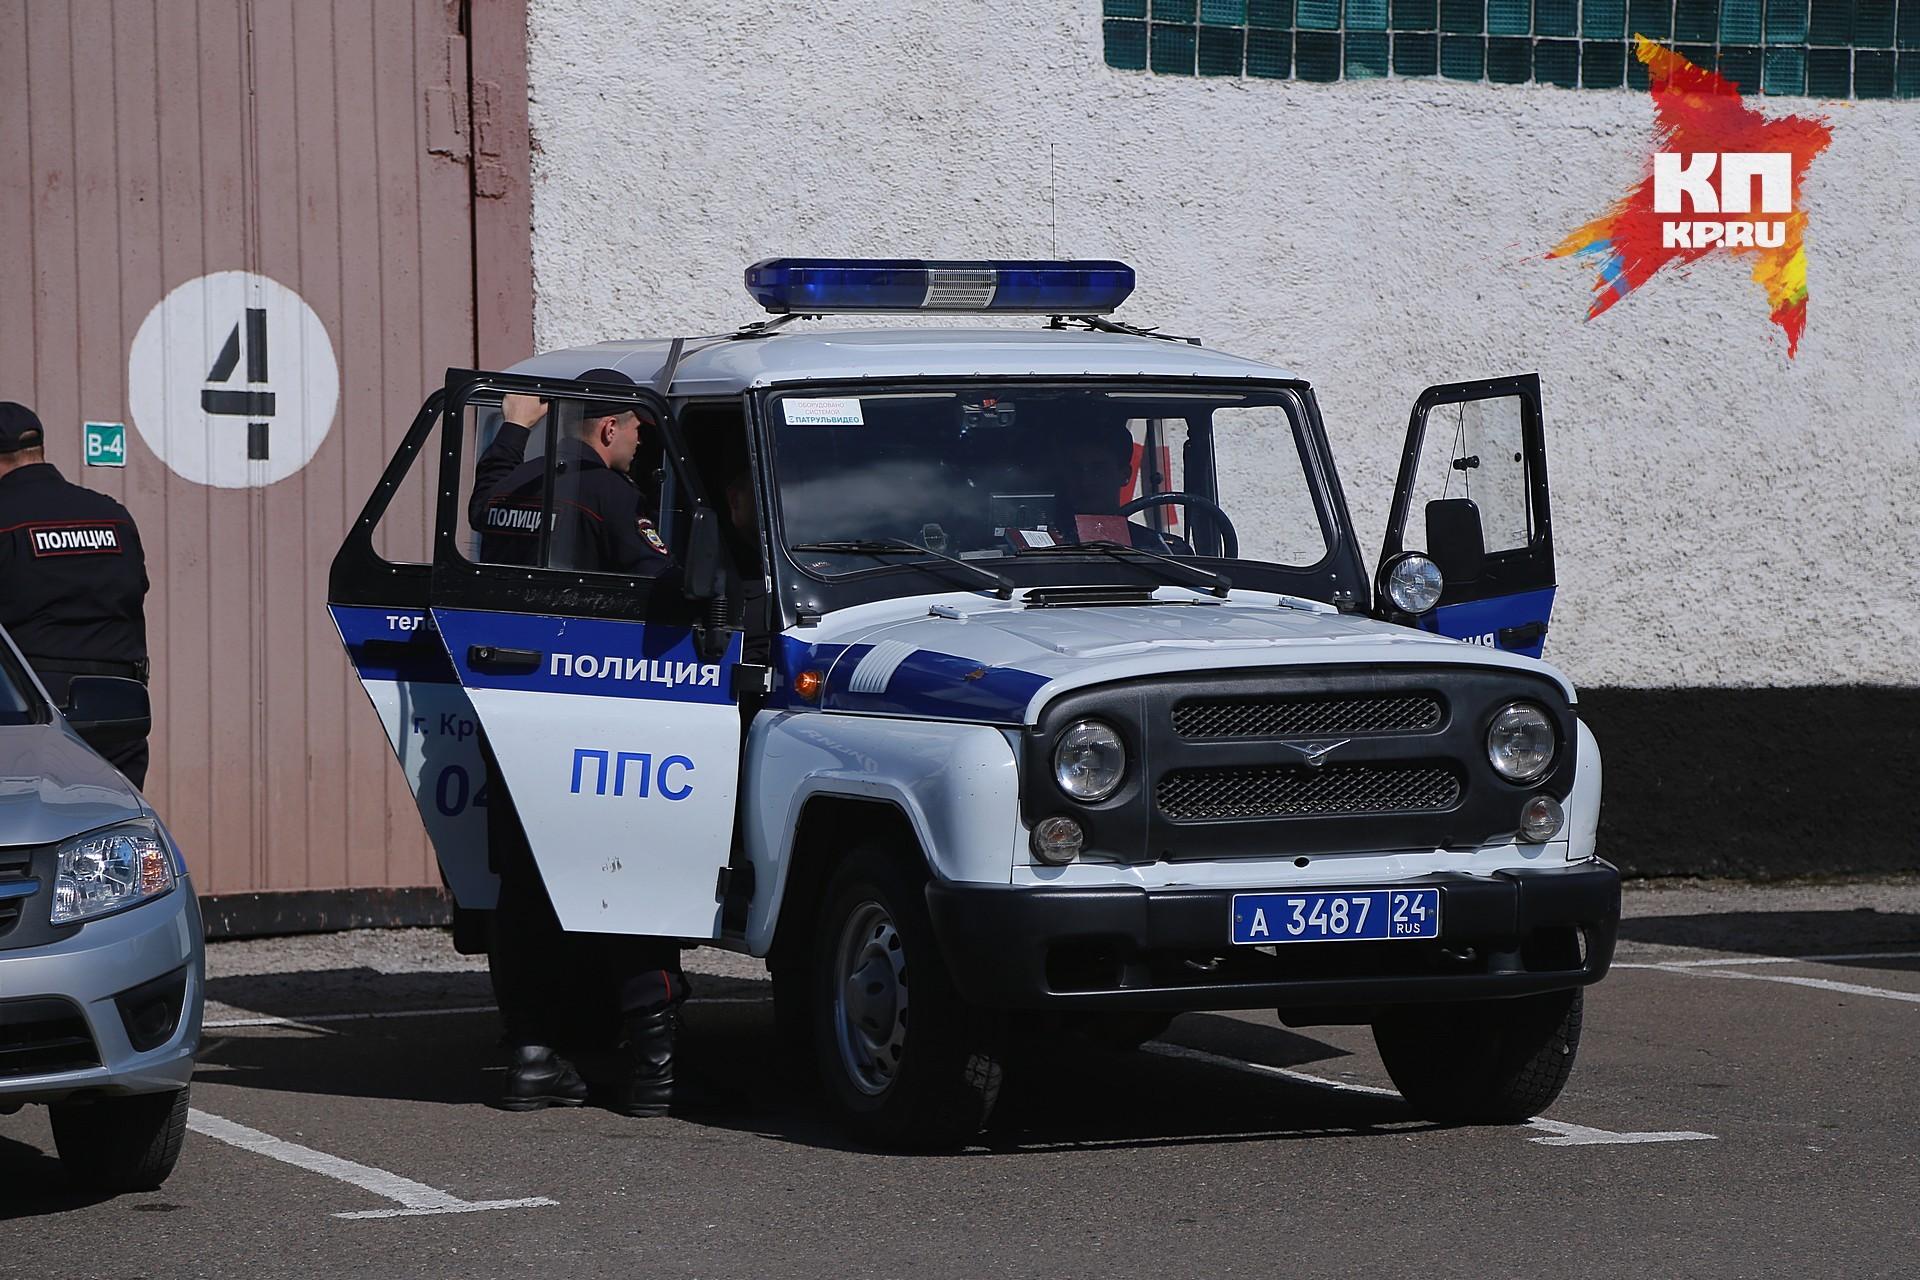 ВКрасноярске схвачен подозреваемый вграбеже наподземной стоянке «Планеты»